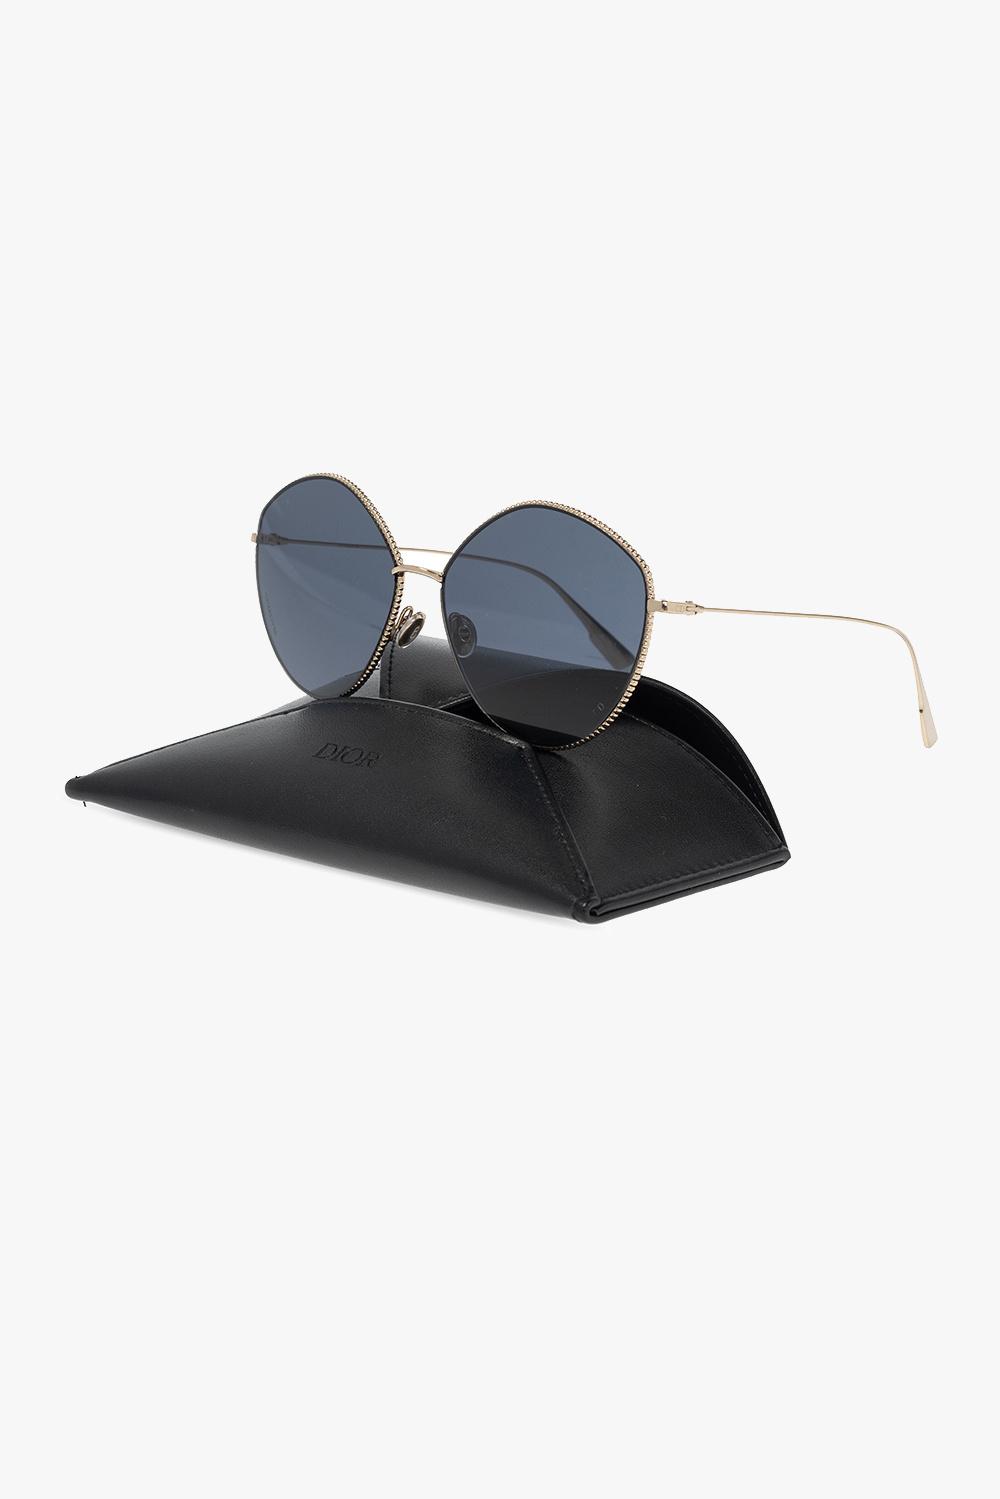 Dior Okulary przeciwsłoneczne 'Society 4'